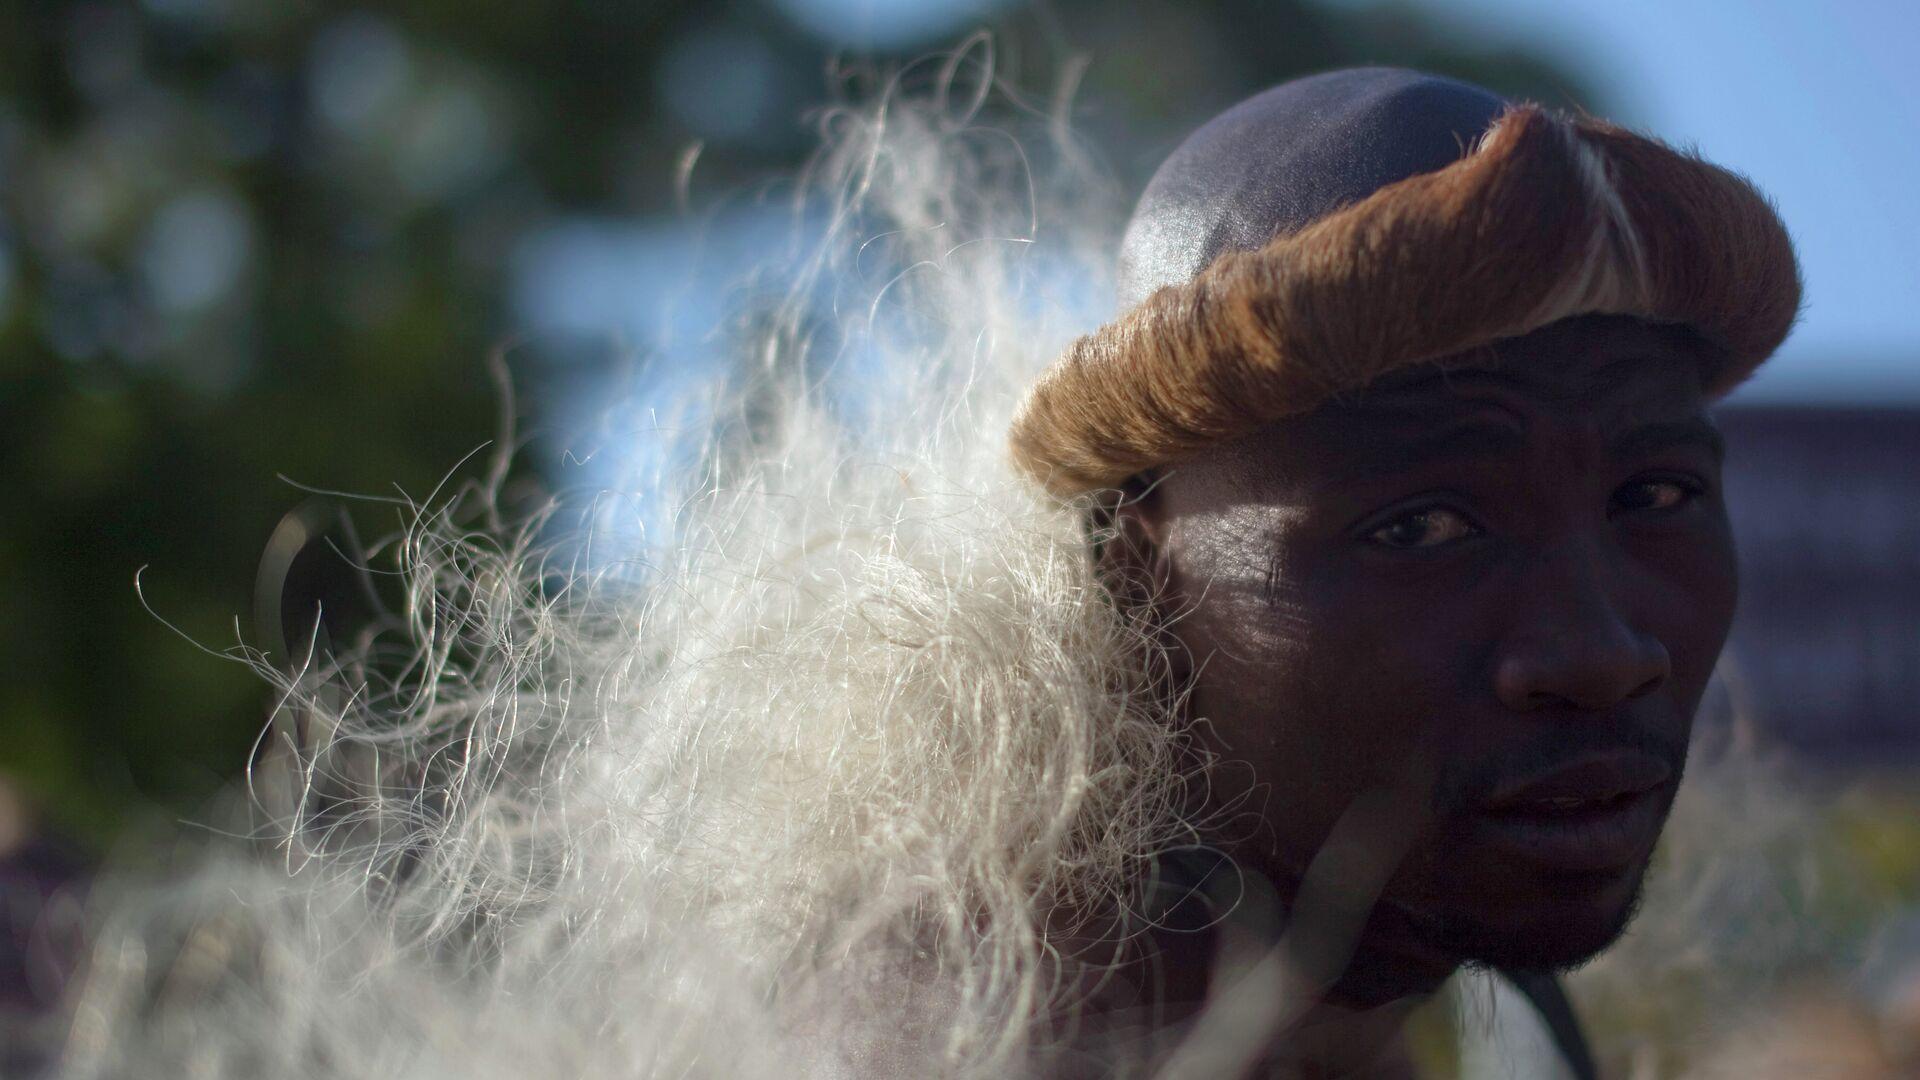 Представитель племени зулусов, Южная Африка - РИА Новости, 1920, 22.09.2020